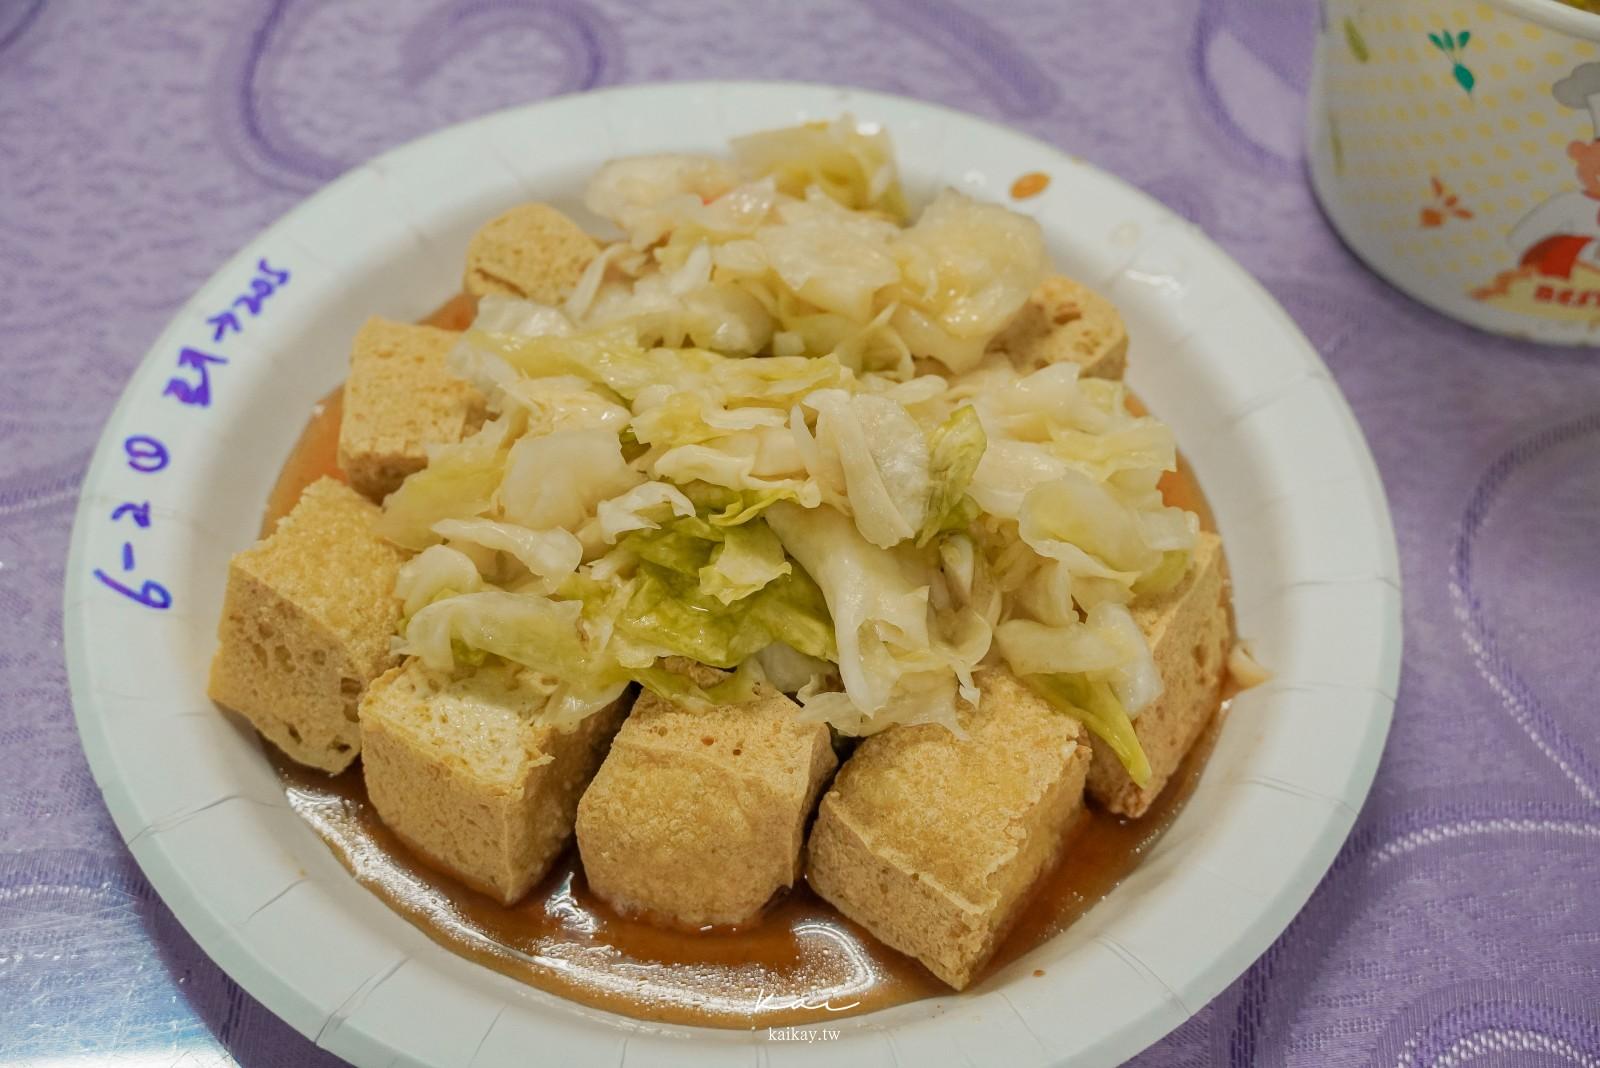 ☆【花蓮美食】廟口必吃美食:花蓮廟口臭豆腐、麵線羹